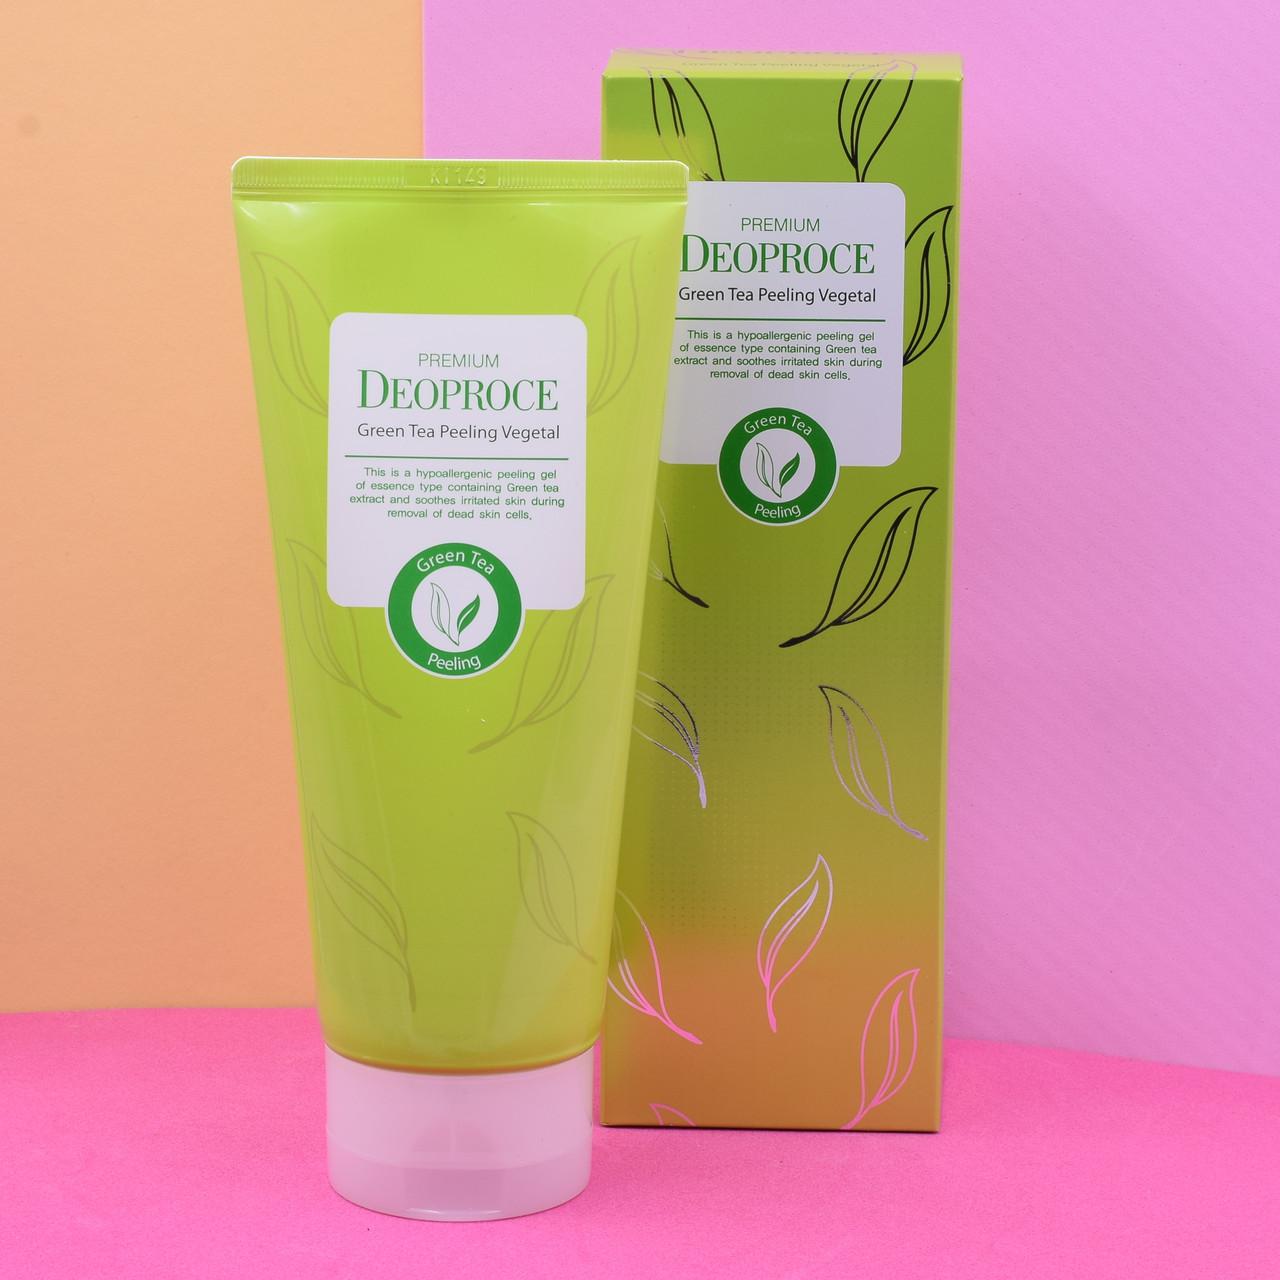 Пилинг-скатка Deoproce с экстрактом зеленого чая Premium Green Tea Peeling Vegetal